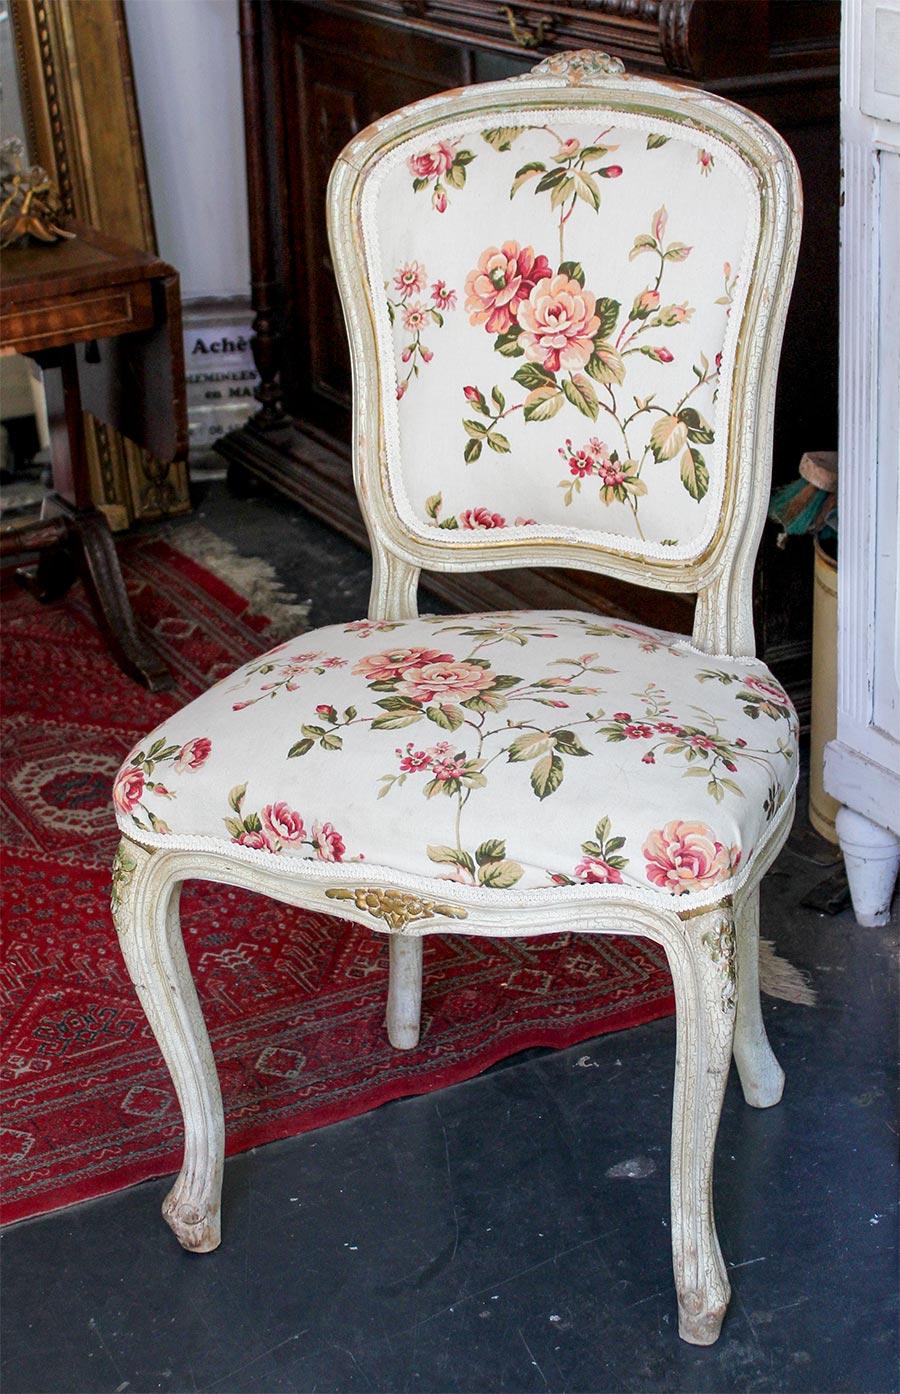 Zum Shabby Chic passen auch Einzelstücke vom Flohmarkt, wie hier ein Louis-quinze-Stuhl in Nizza © Siegbert Mattheis